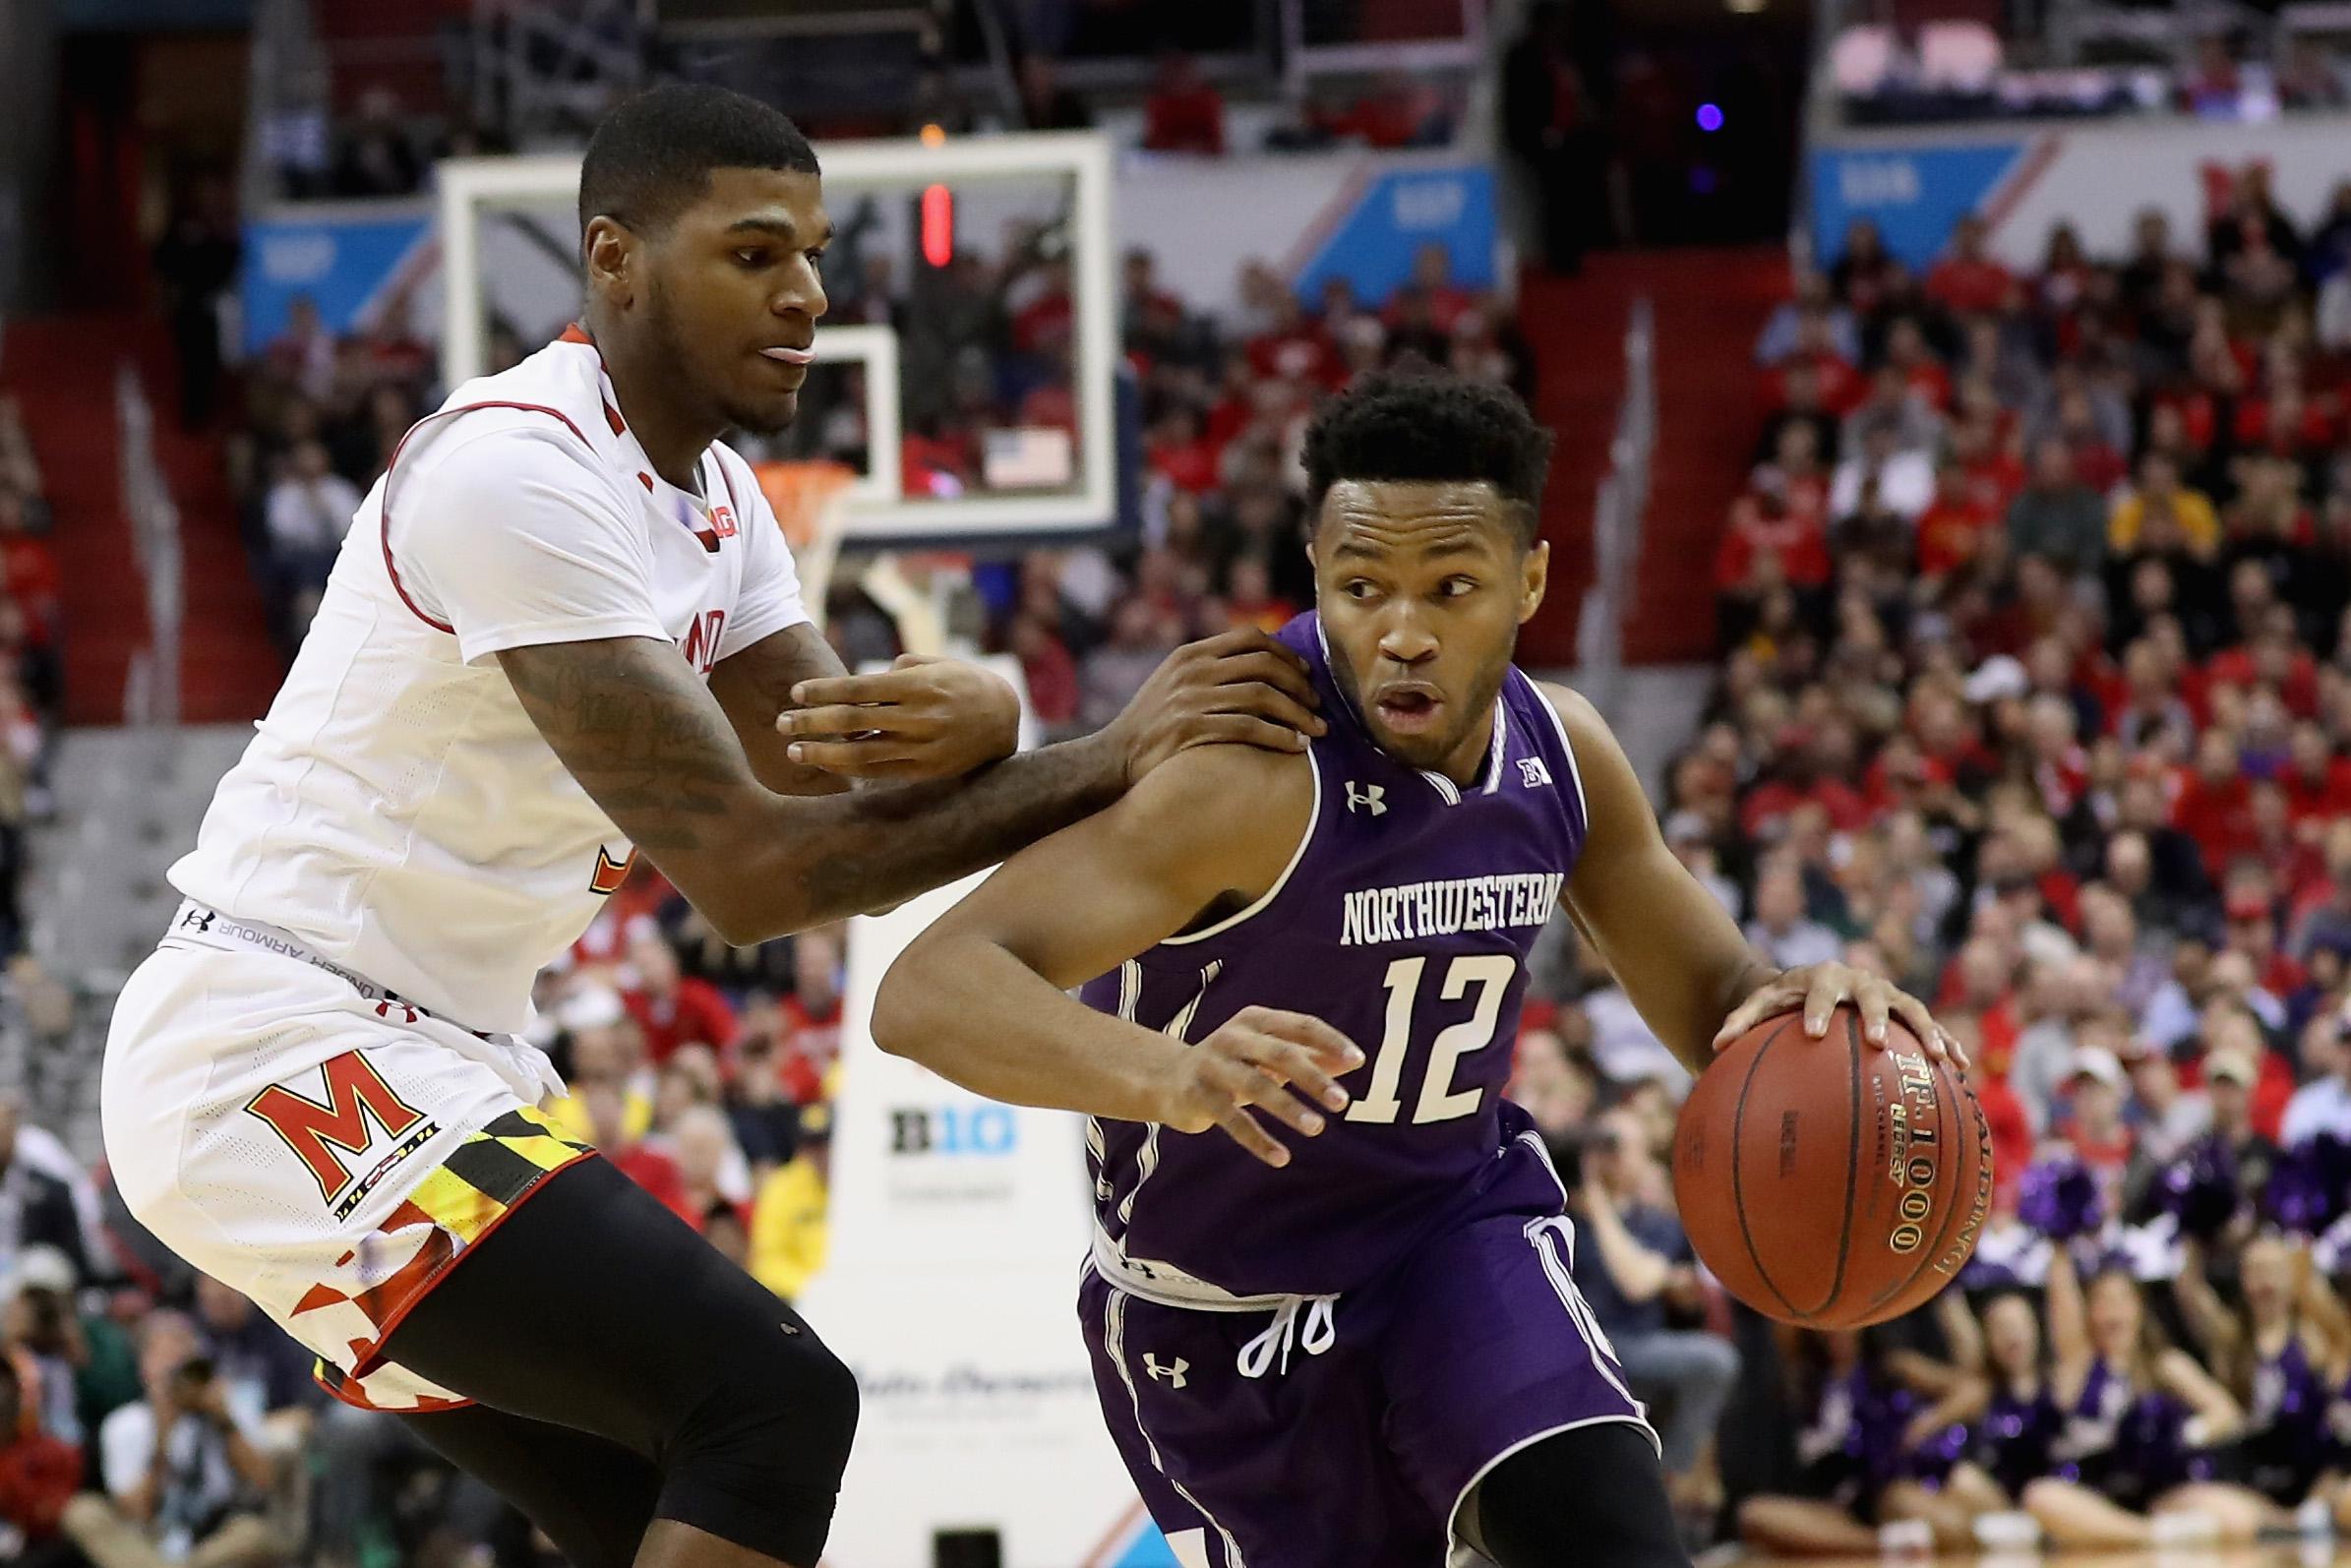 Kentucky Wildcats Basketball 2017 18 Season Preview: Northwestern Basketball: 2017-18 Season Preview For The